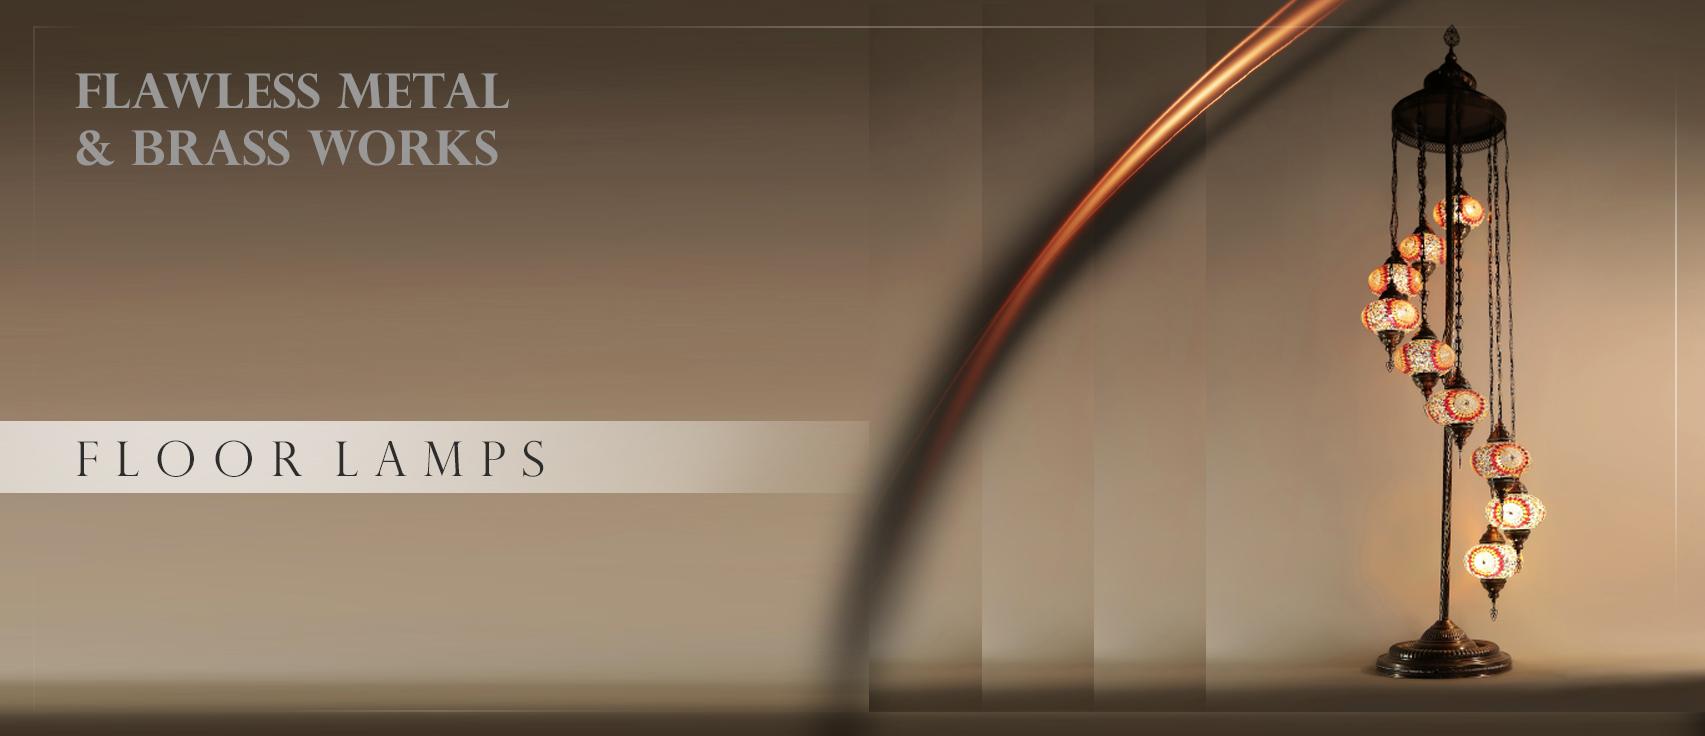 Loop Floor Lamps 2